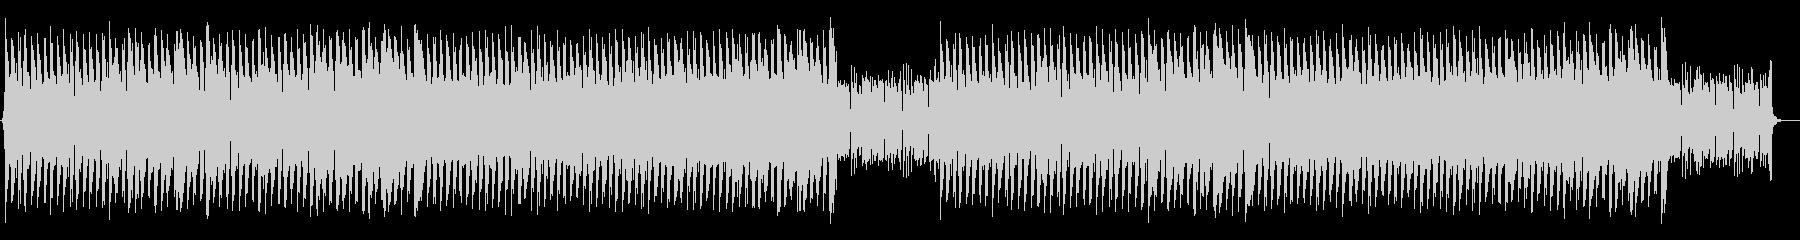 ゴリゴリしたベースのファンキーなハウスの未再生の波形